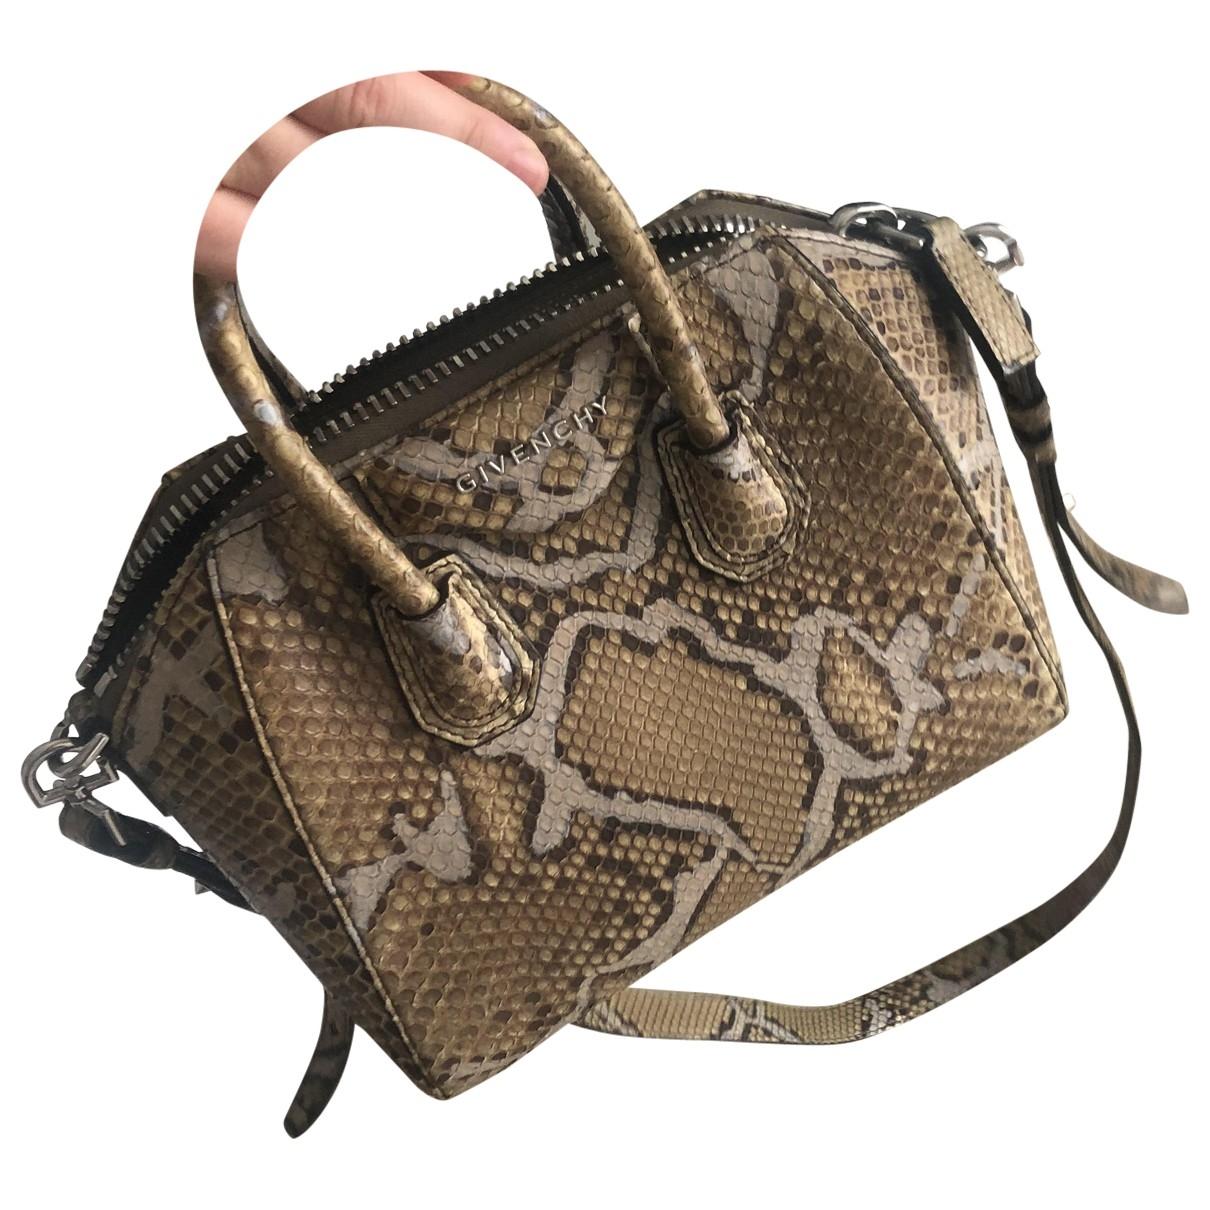 Bandolera Antigona de Piton Givenchy